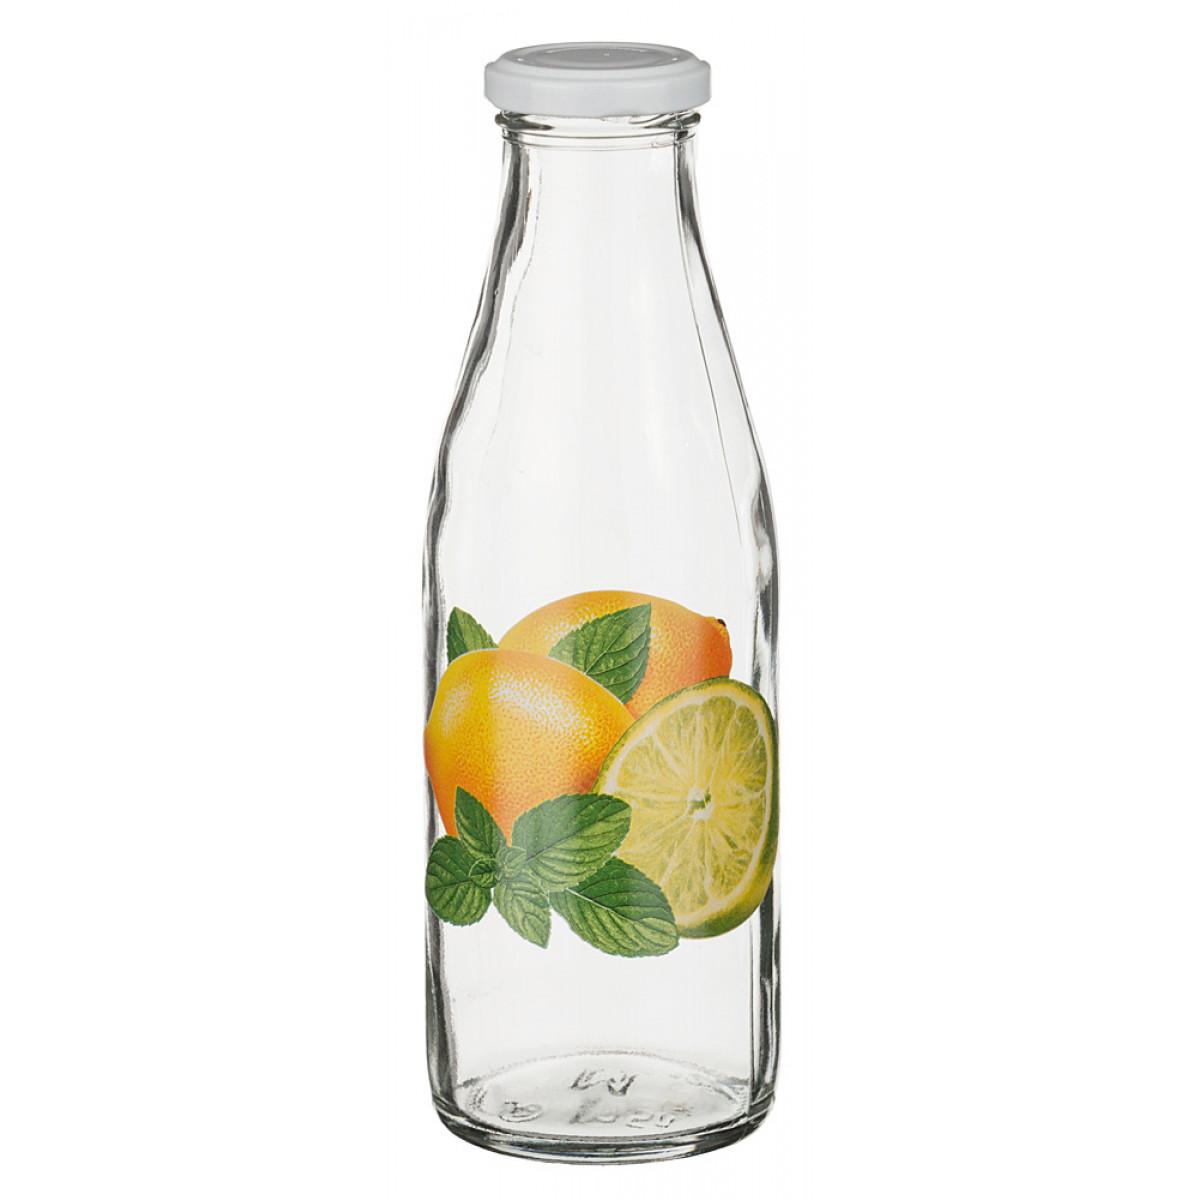 {} Pasabahce Бутылка Лимоны (250 мл) обухова а путеводитель стамбул